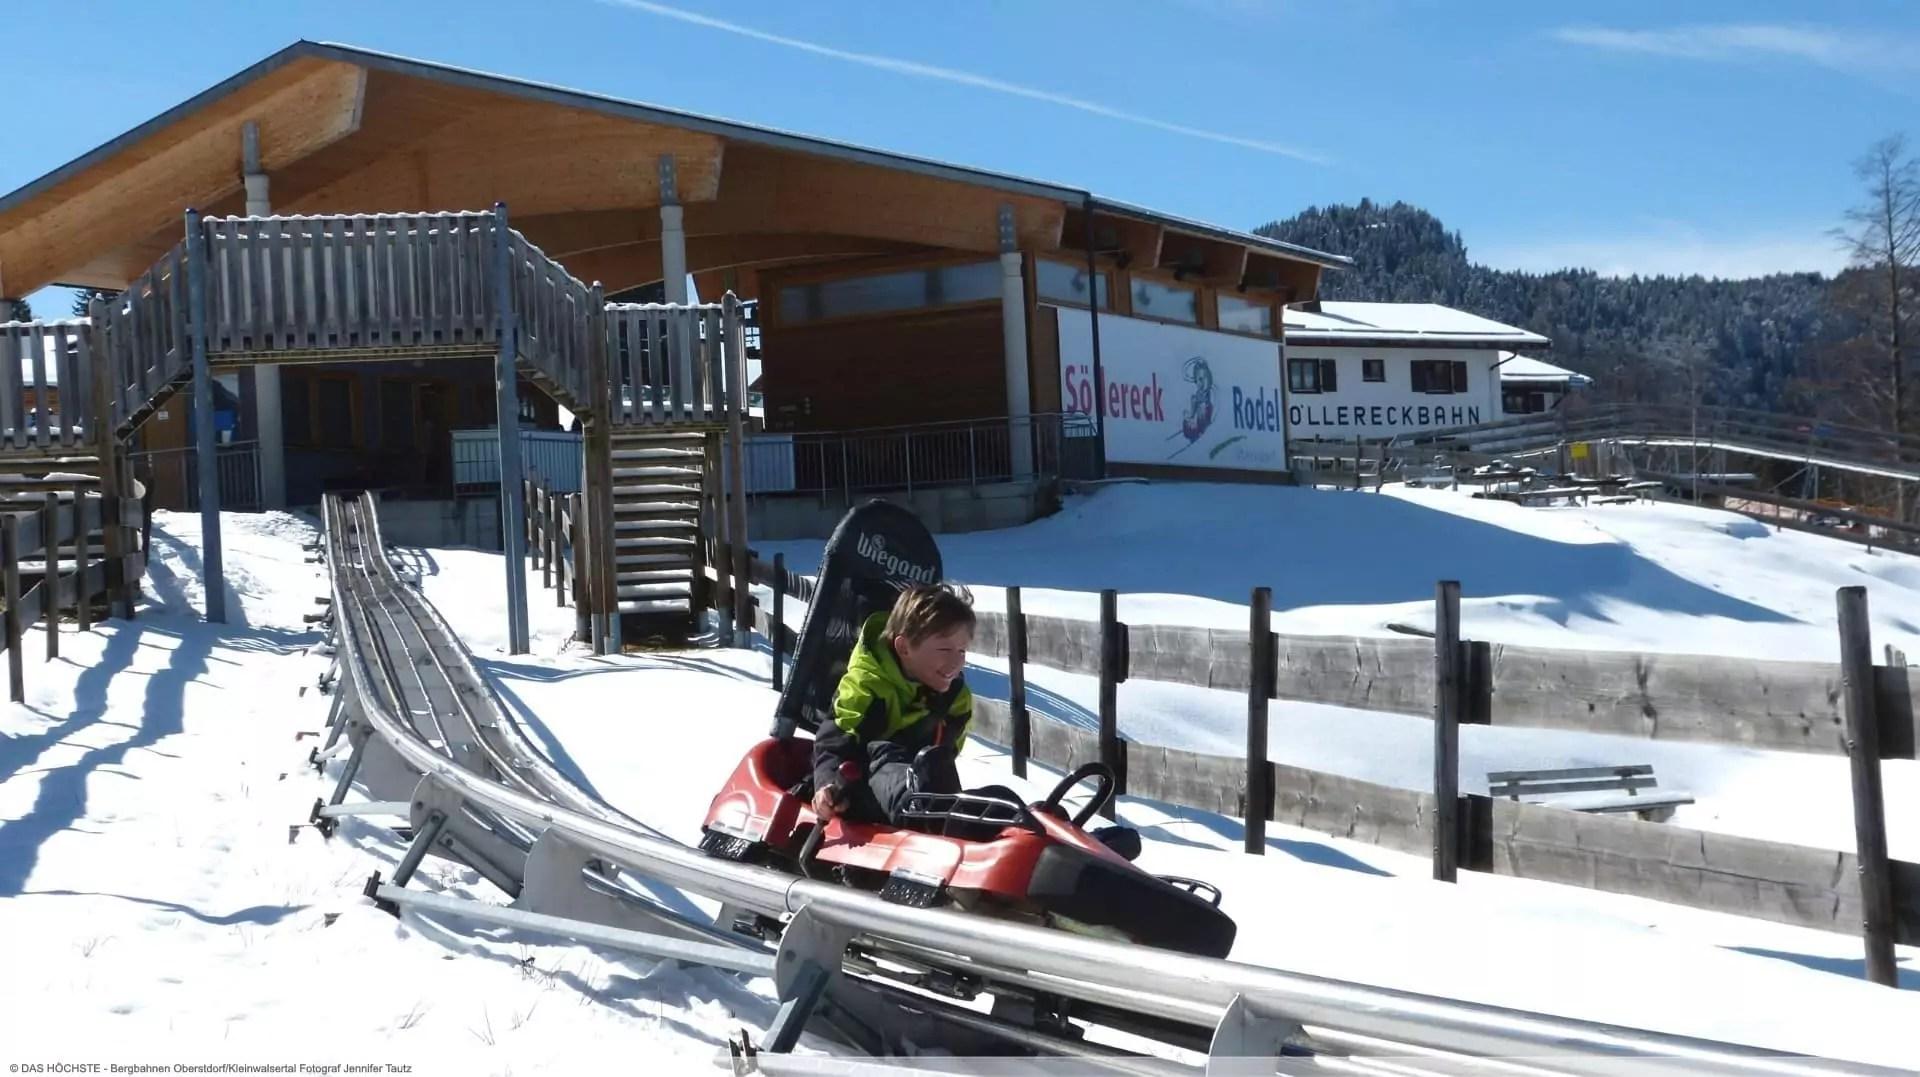 après-ski in Oberstdorf